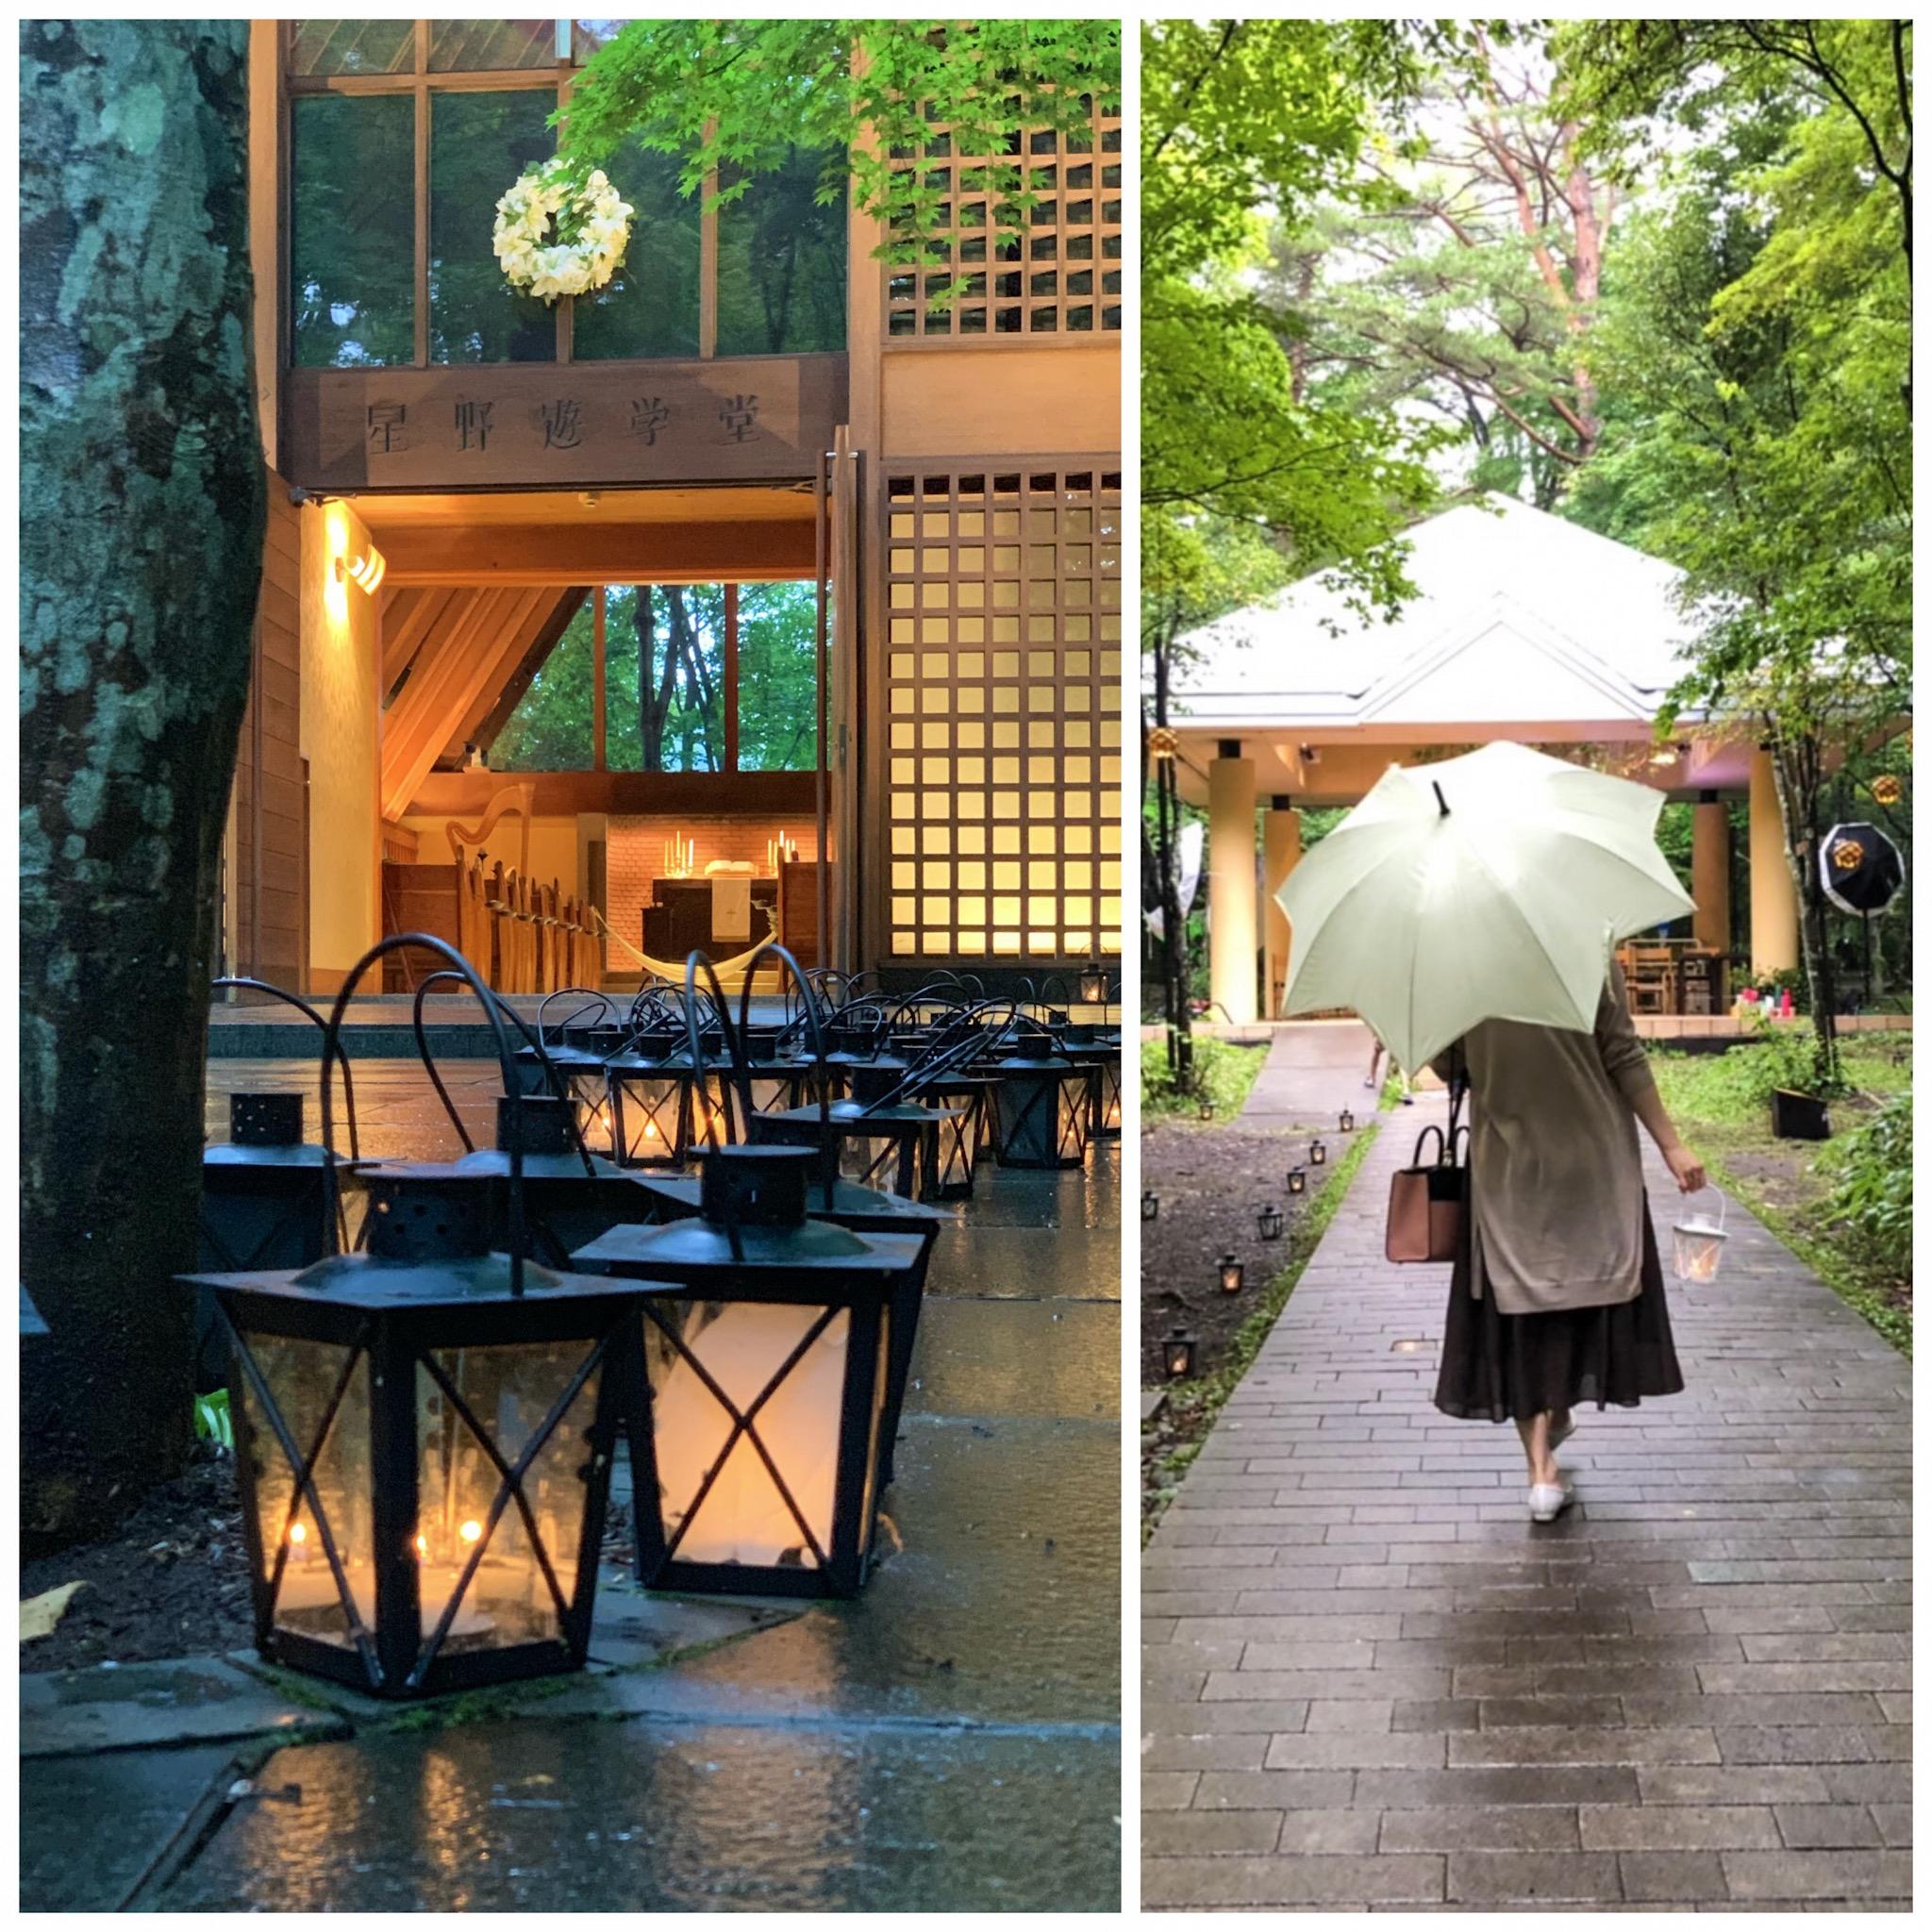 【軽井沢星野エリア滞在レポート】たくさんの緑に囲まれて、幻想的で素敵な夏を**_5